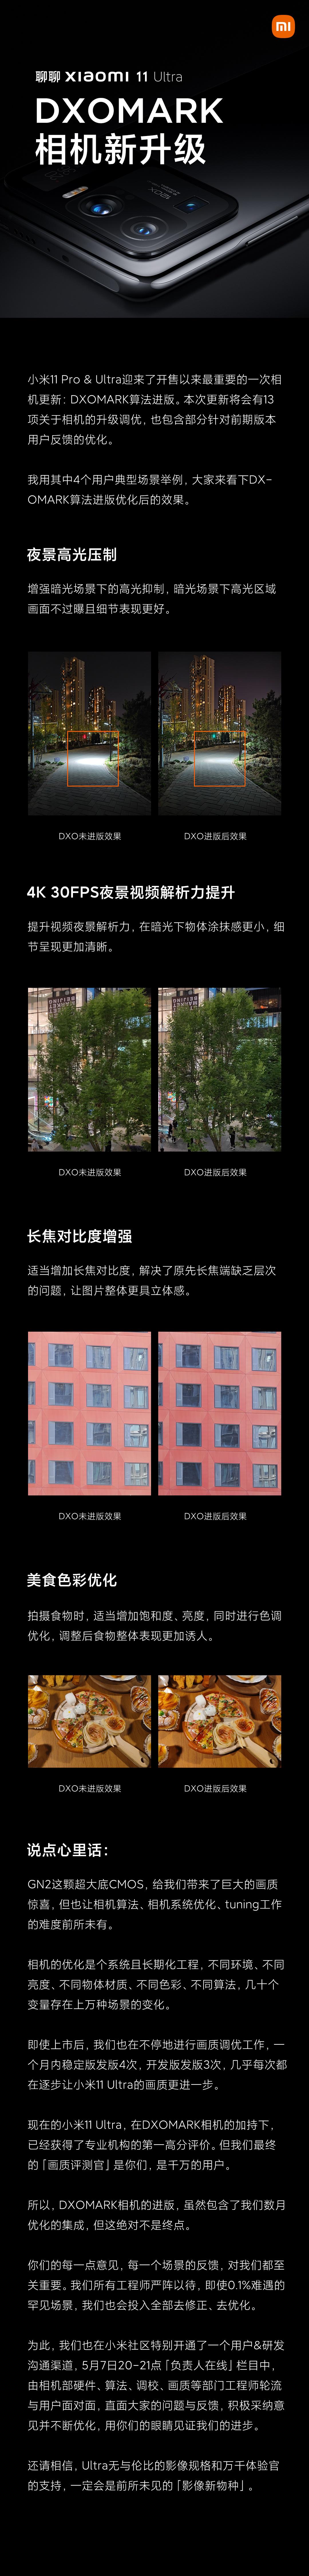 小米11 Ultra & Pro获得DXOMARK相机新升级-玩懂手机网 - 玩懂手机第一手的手机资讯网(www.wdshouji.com)